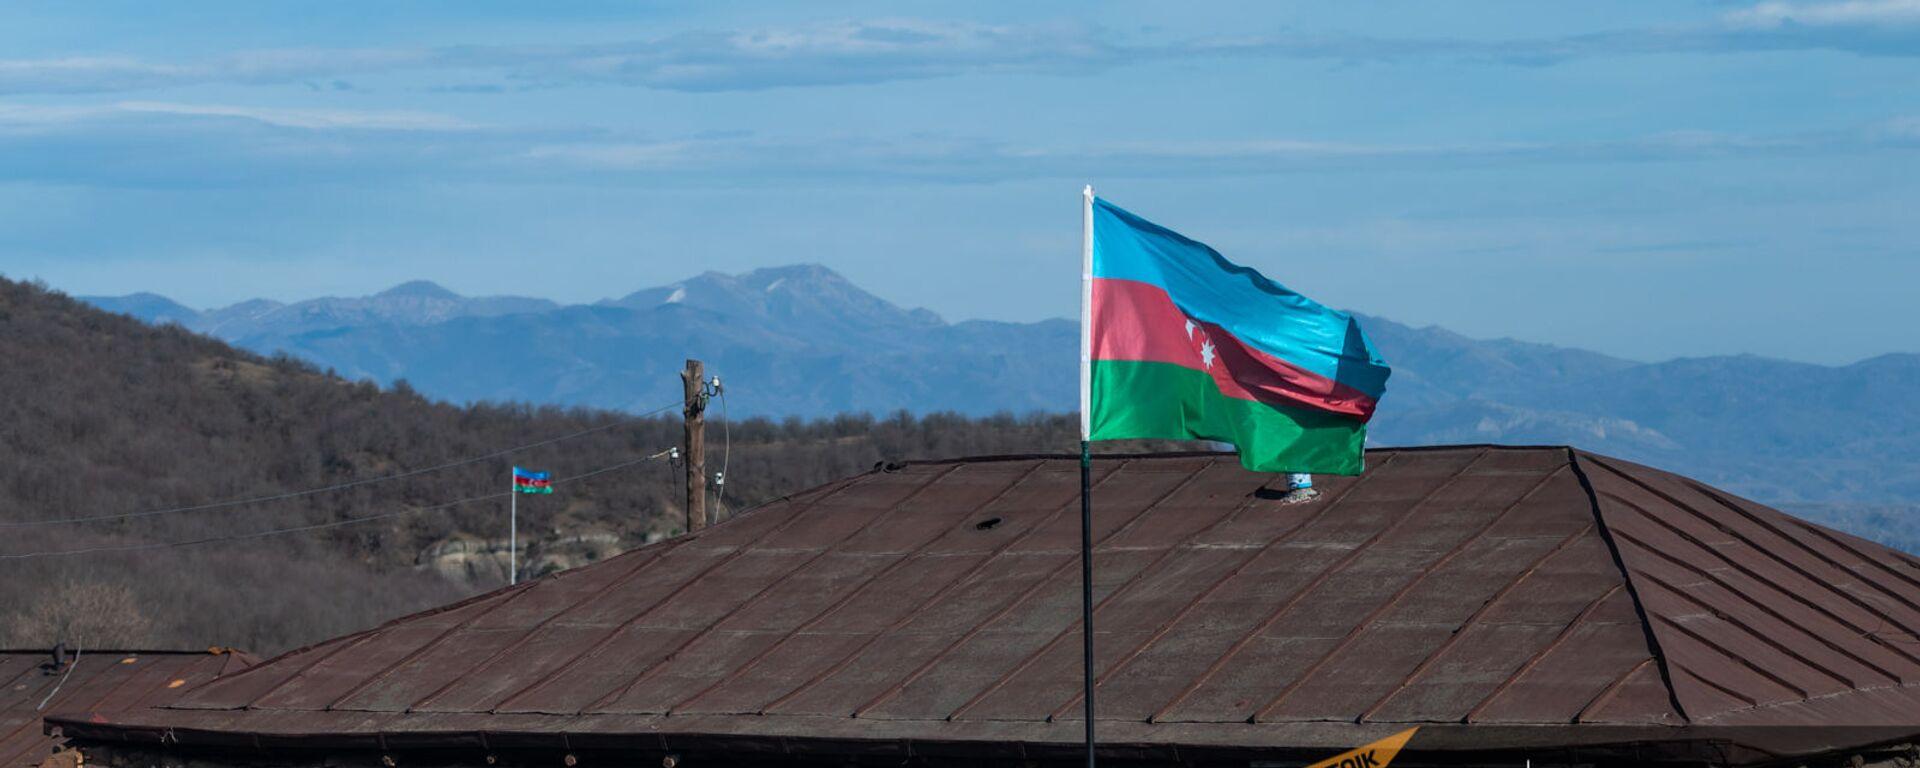 Азербайджанские флаги в селе Шурнух Сюникской области - Sputnik Армения, 1920, 07.03.2021